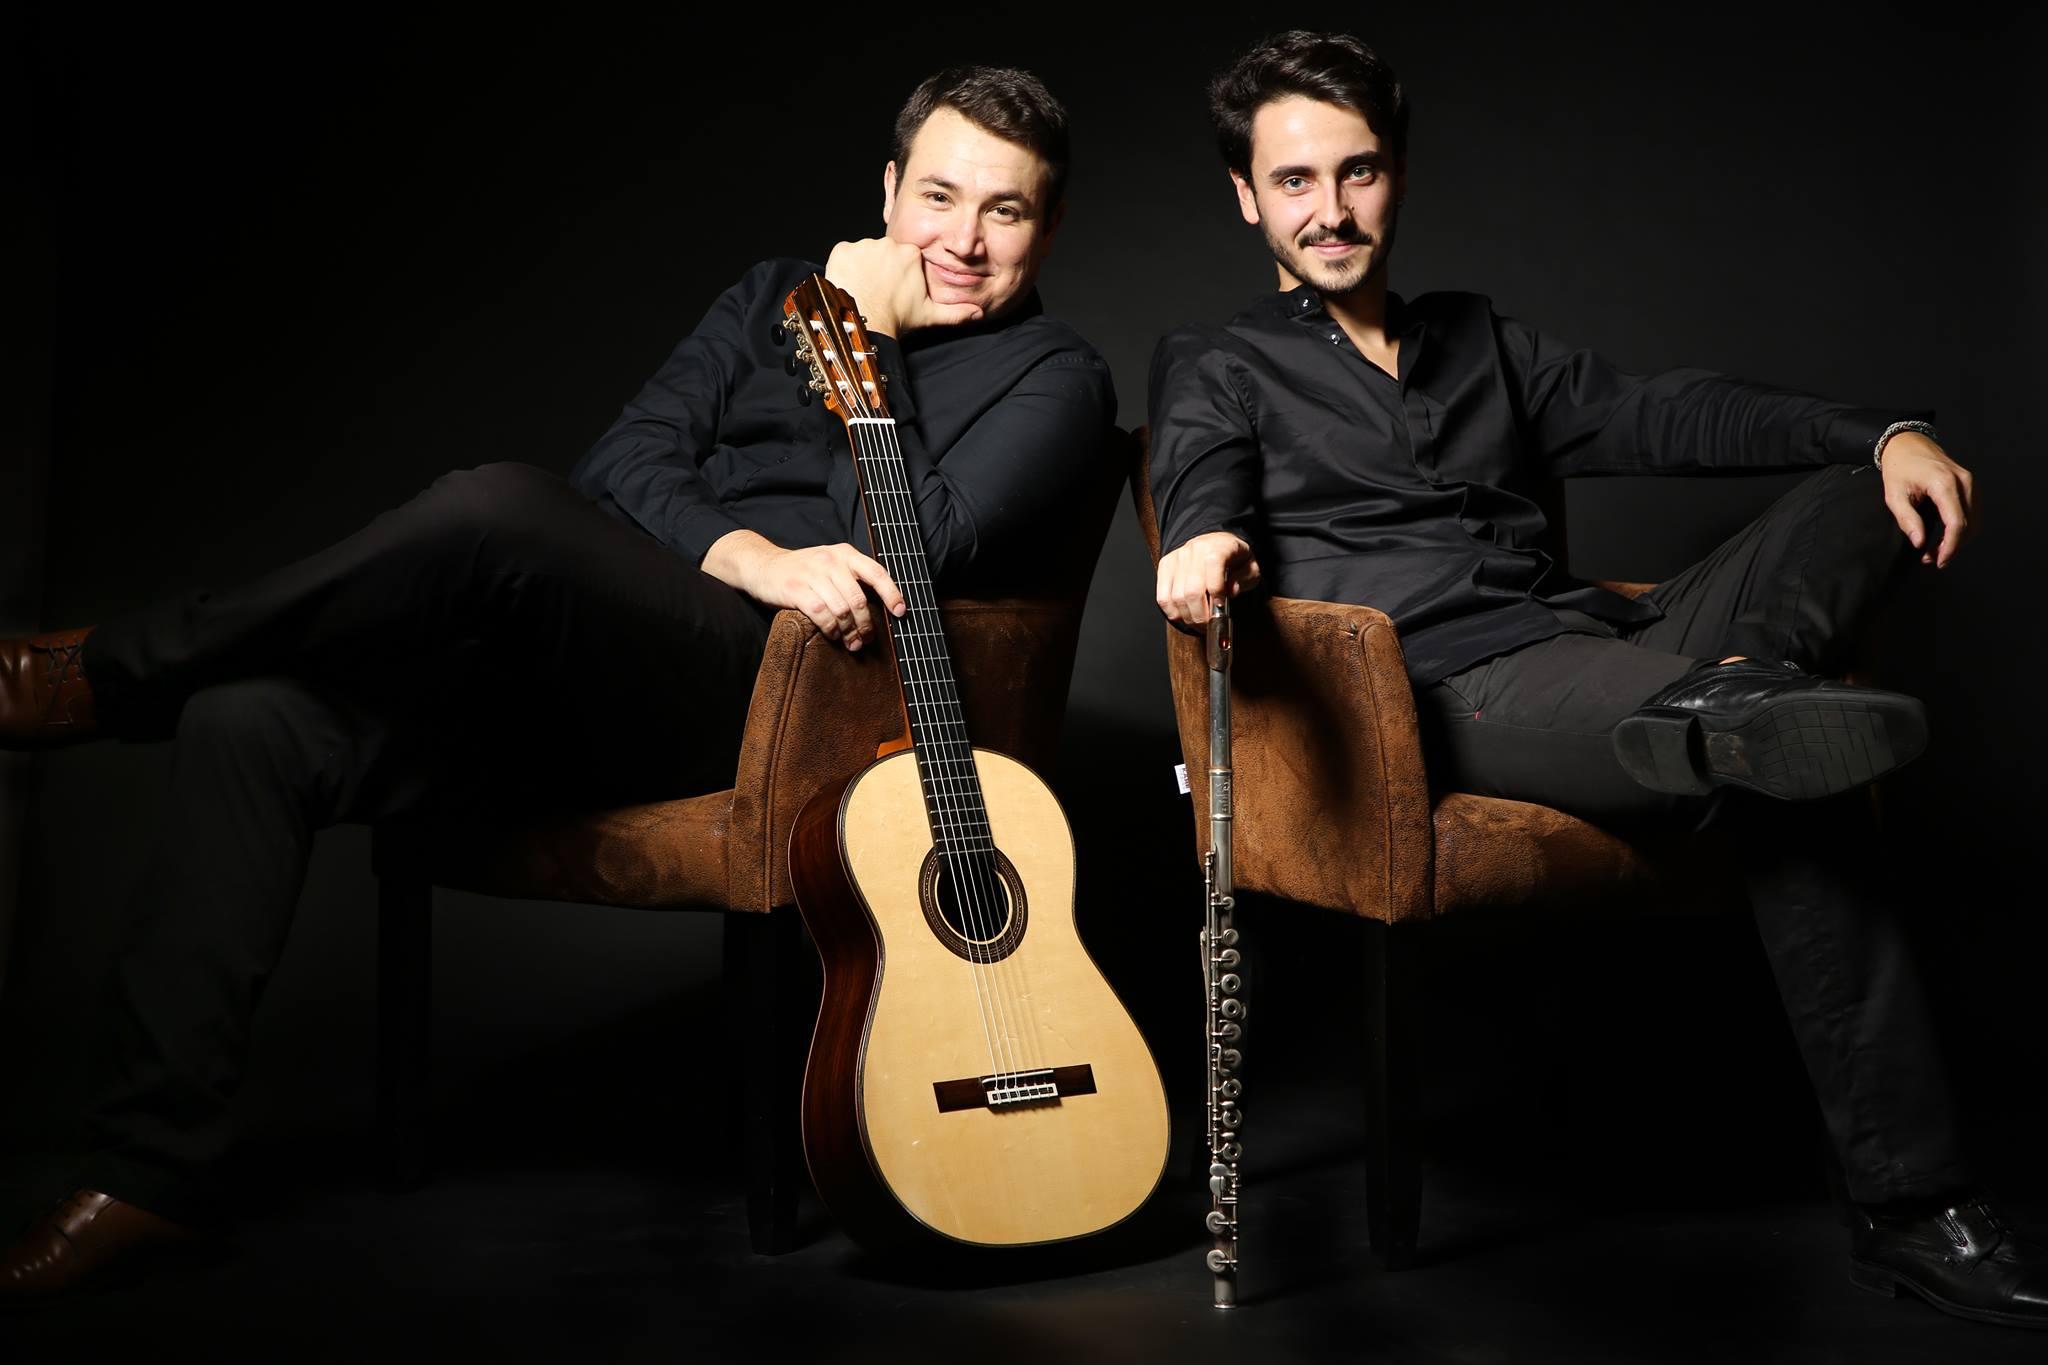 Jundi 14 – 20:00 à 21:00 hrs – Duo Loarces Balanowsky : Guitare et Flûte